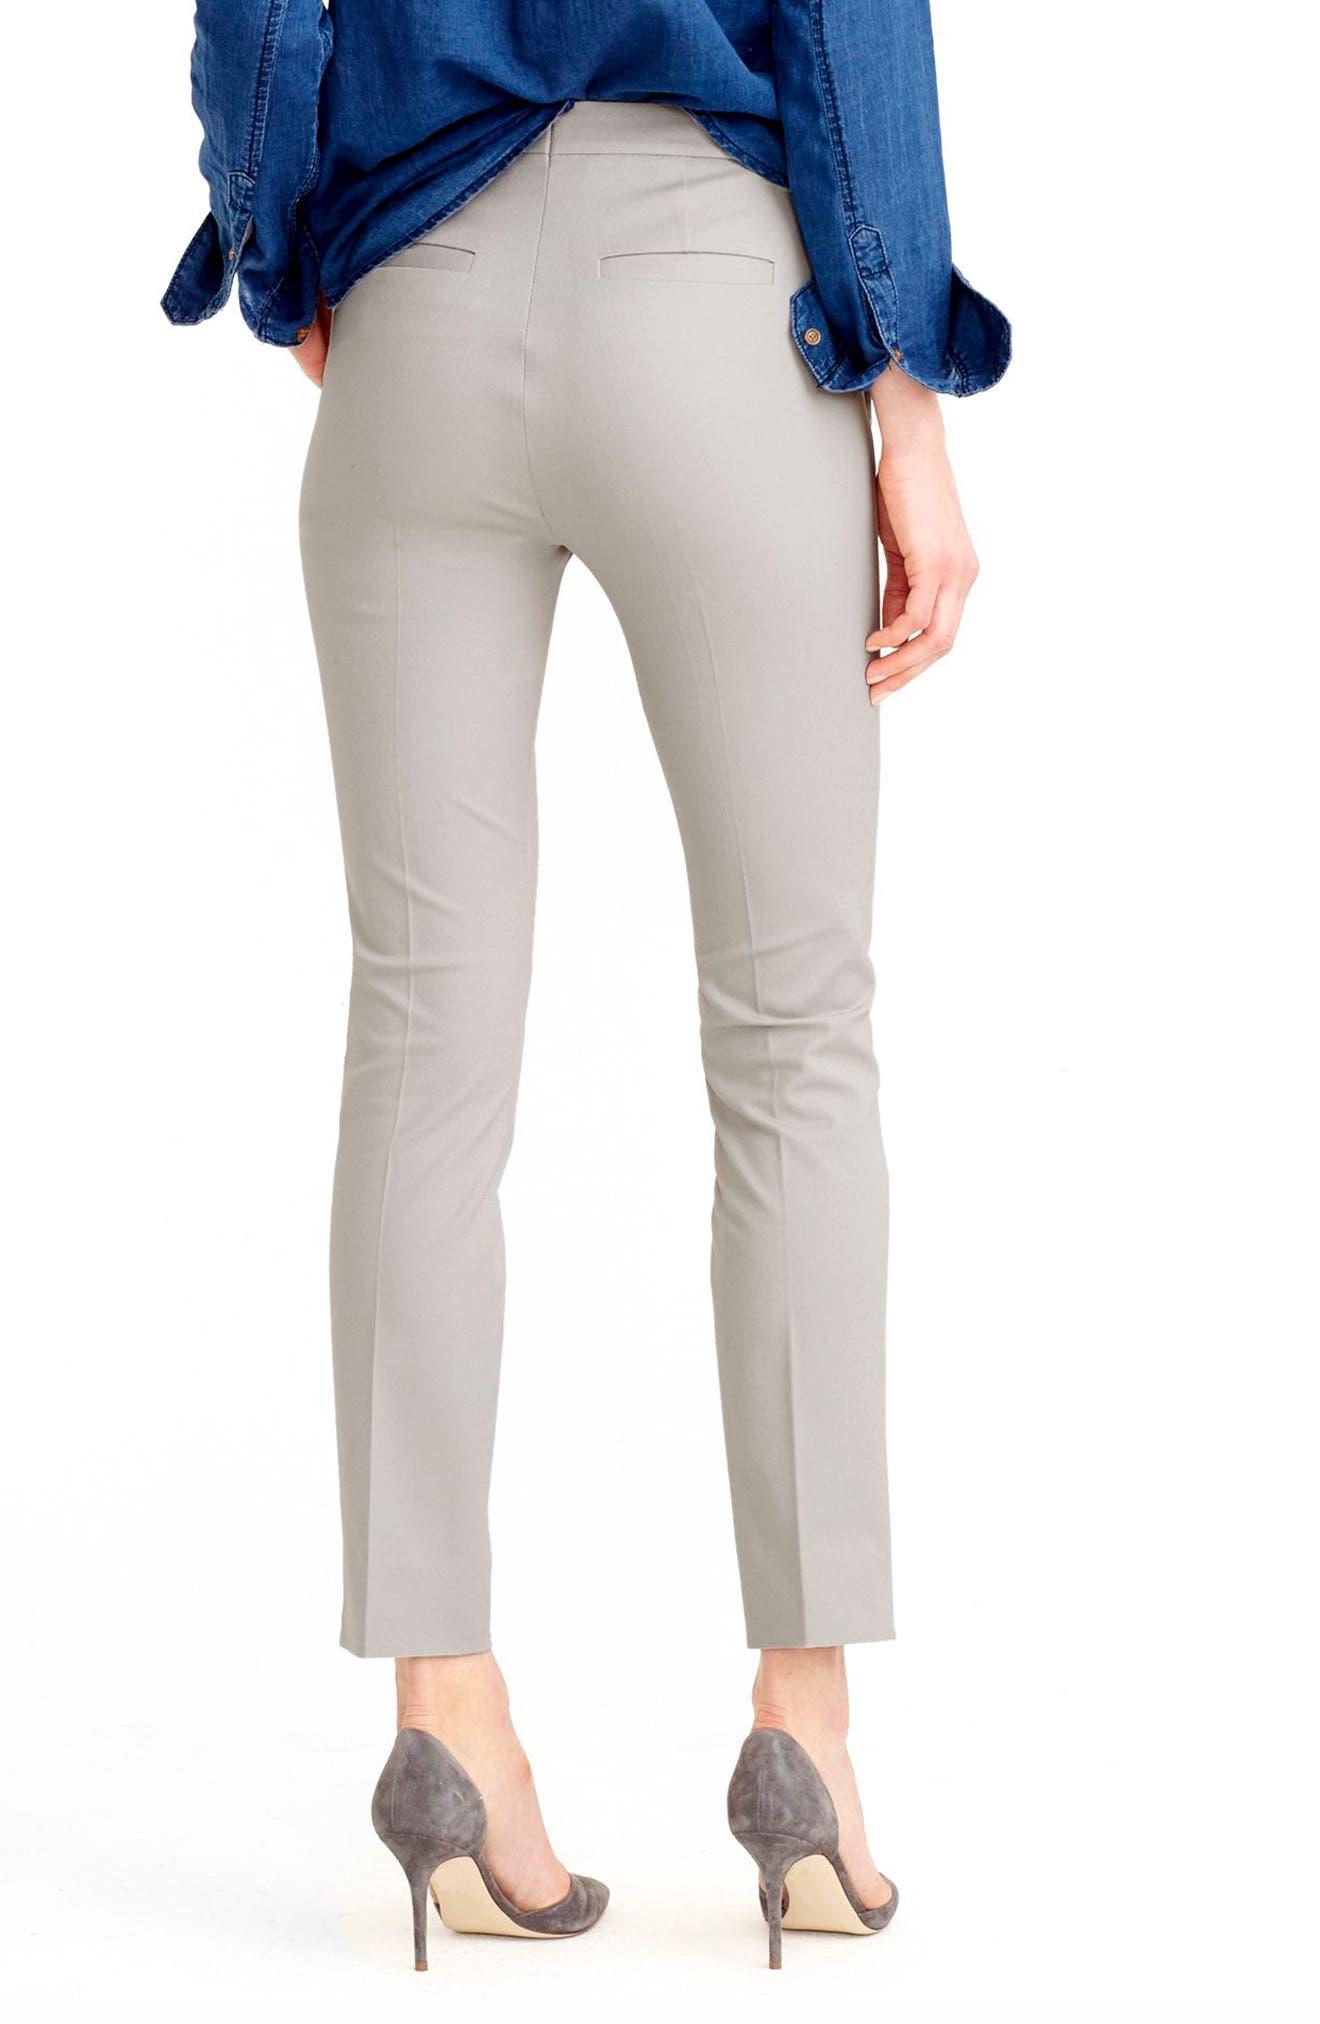 J.CREW,                             Martie Cotton Blend Pants,                             Alternate thumbnail 2, color,                             CLOUD GREY